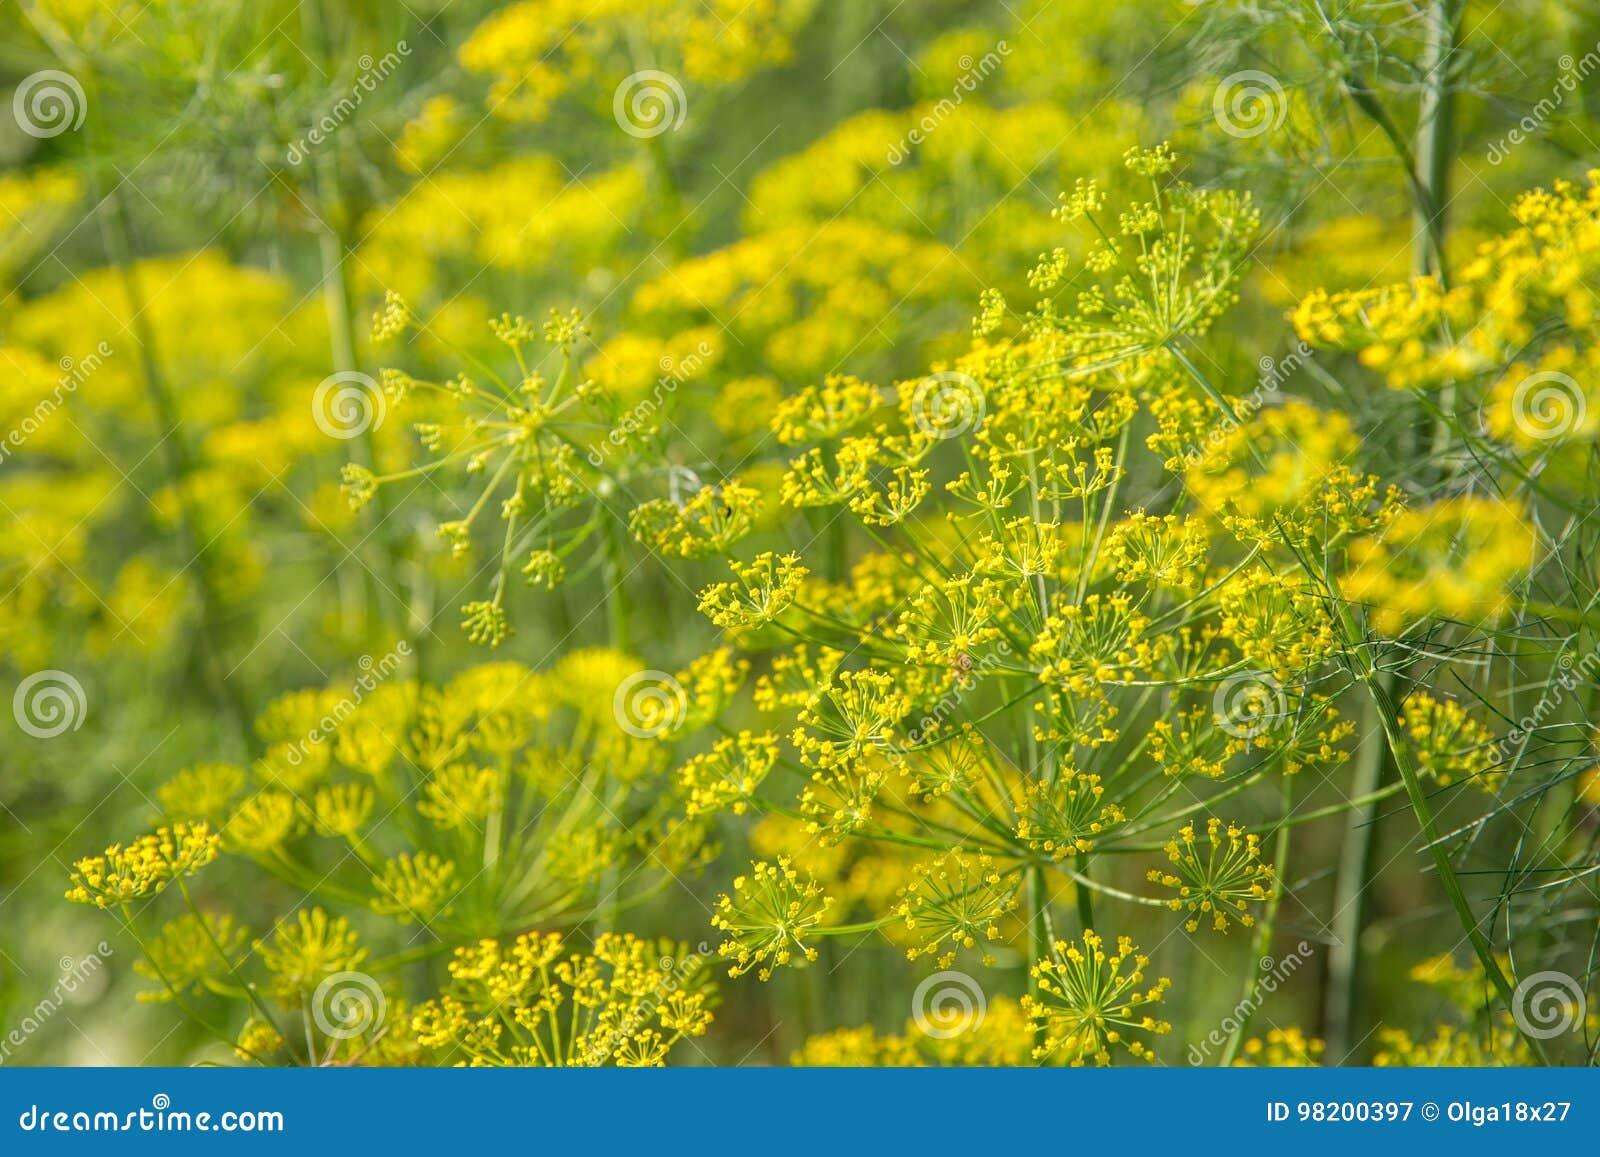 Download Завод и цветок укропа как аграрная предпосылка Стоковое Изображение - изображение насчитывающей здорово, травы: 98200397